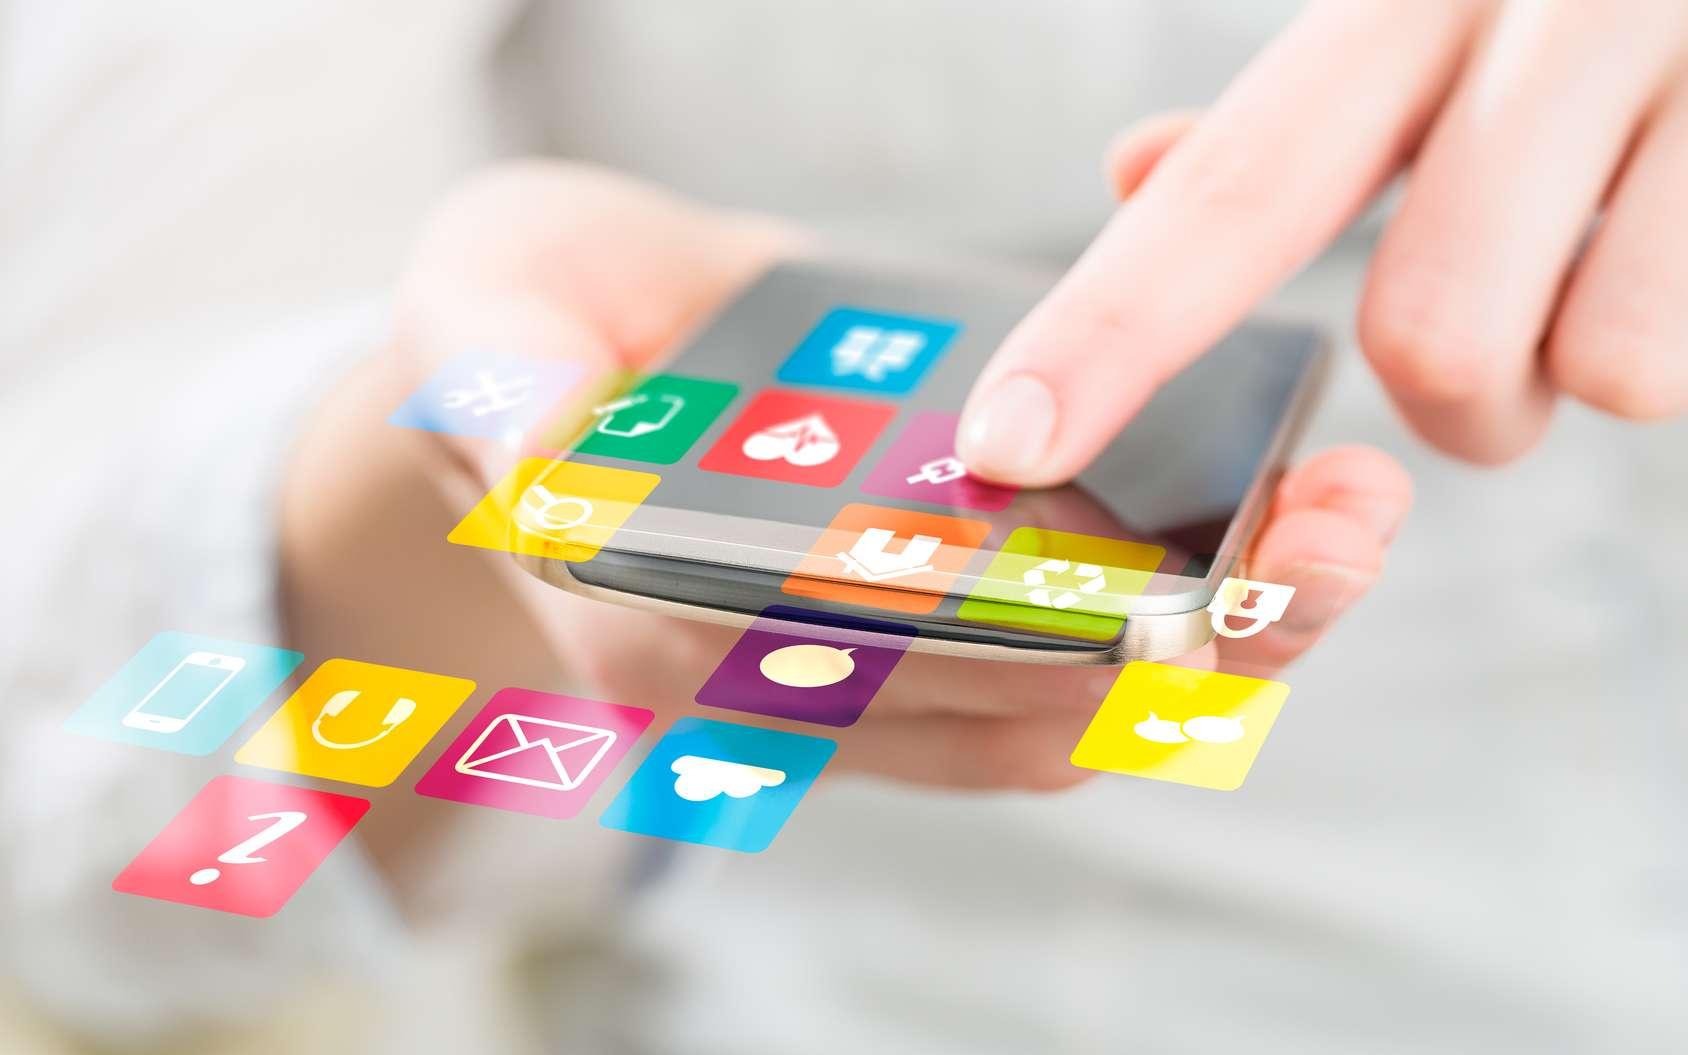 Les usages des réseaux sociaux de plus en plus déportés vers le smartphone © REDPIXEL, fotolia